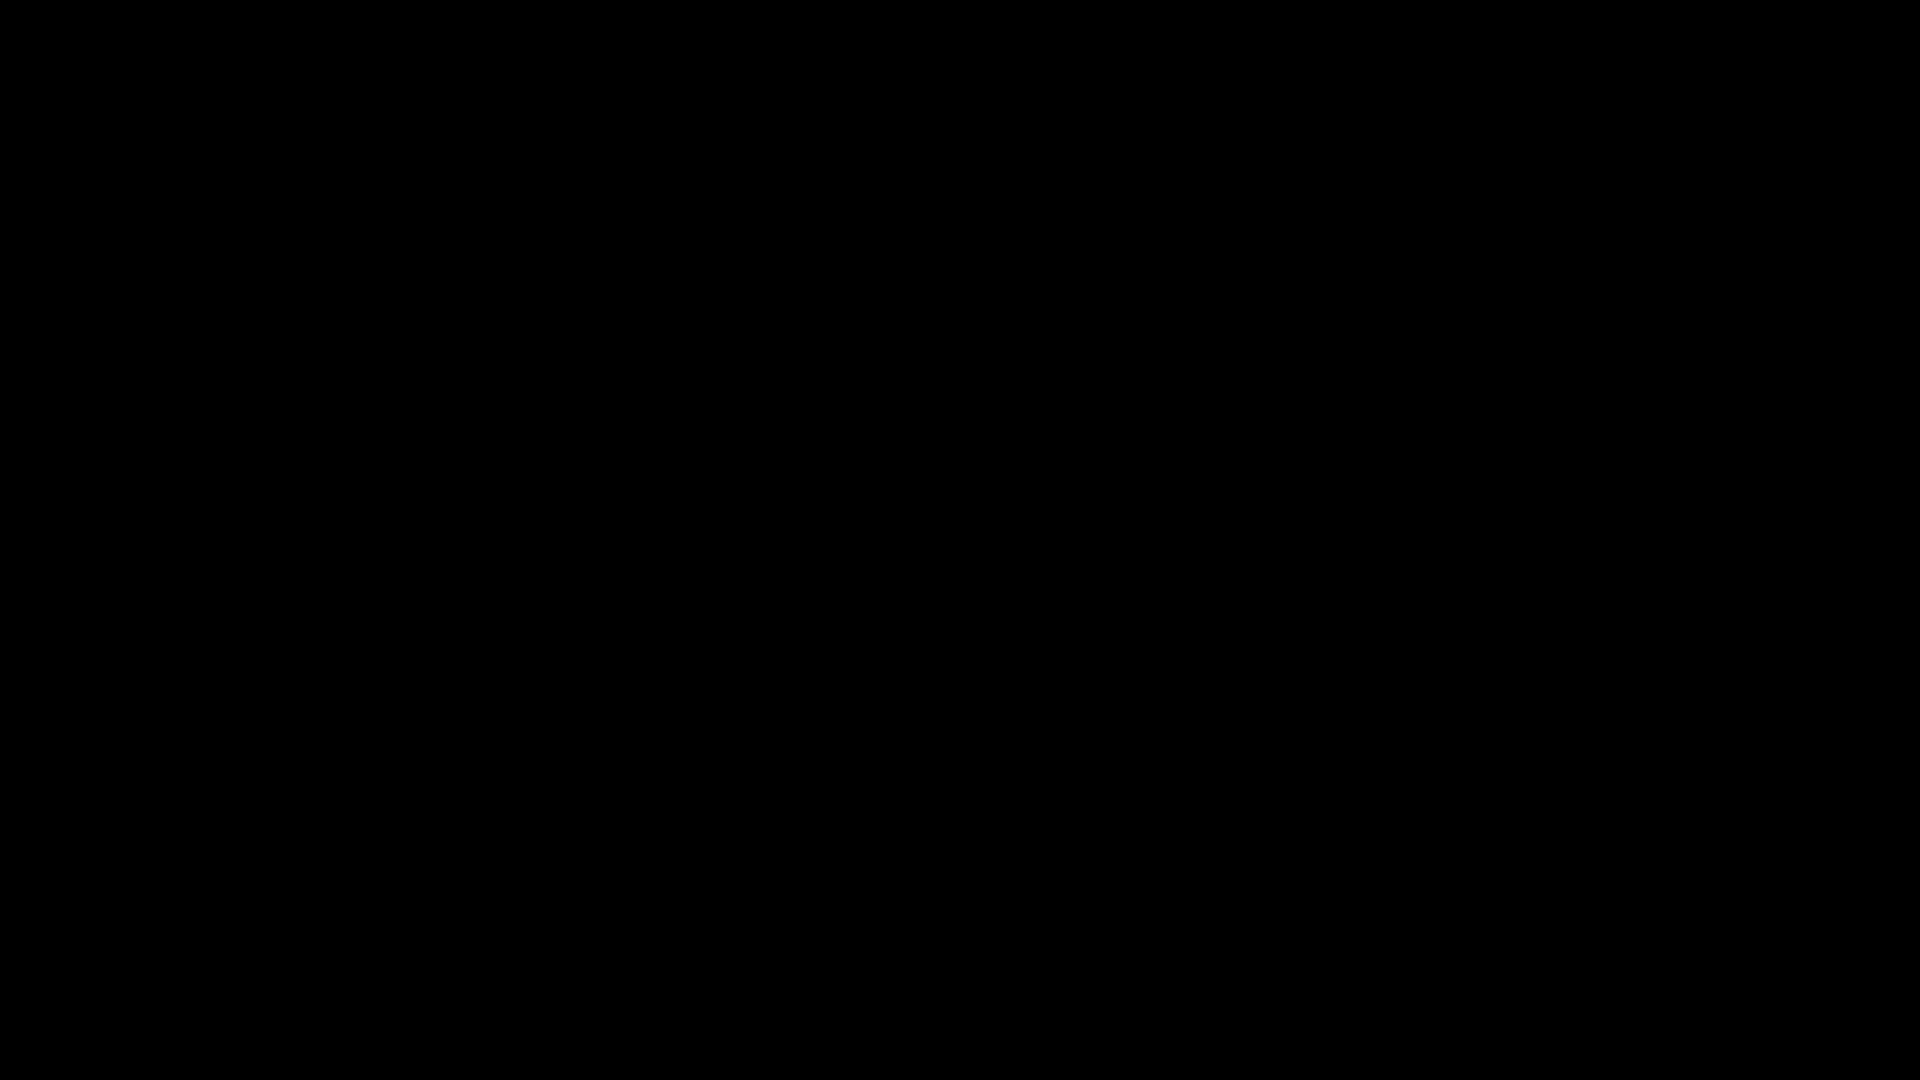 fond ecran noir